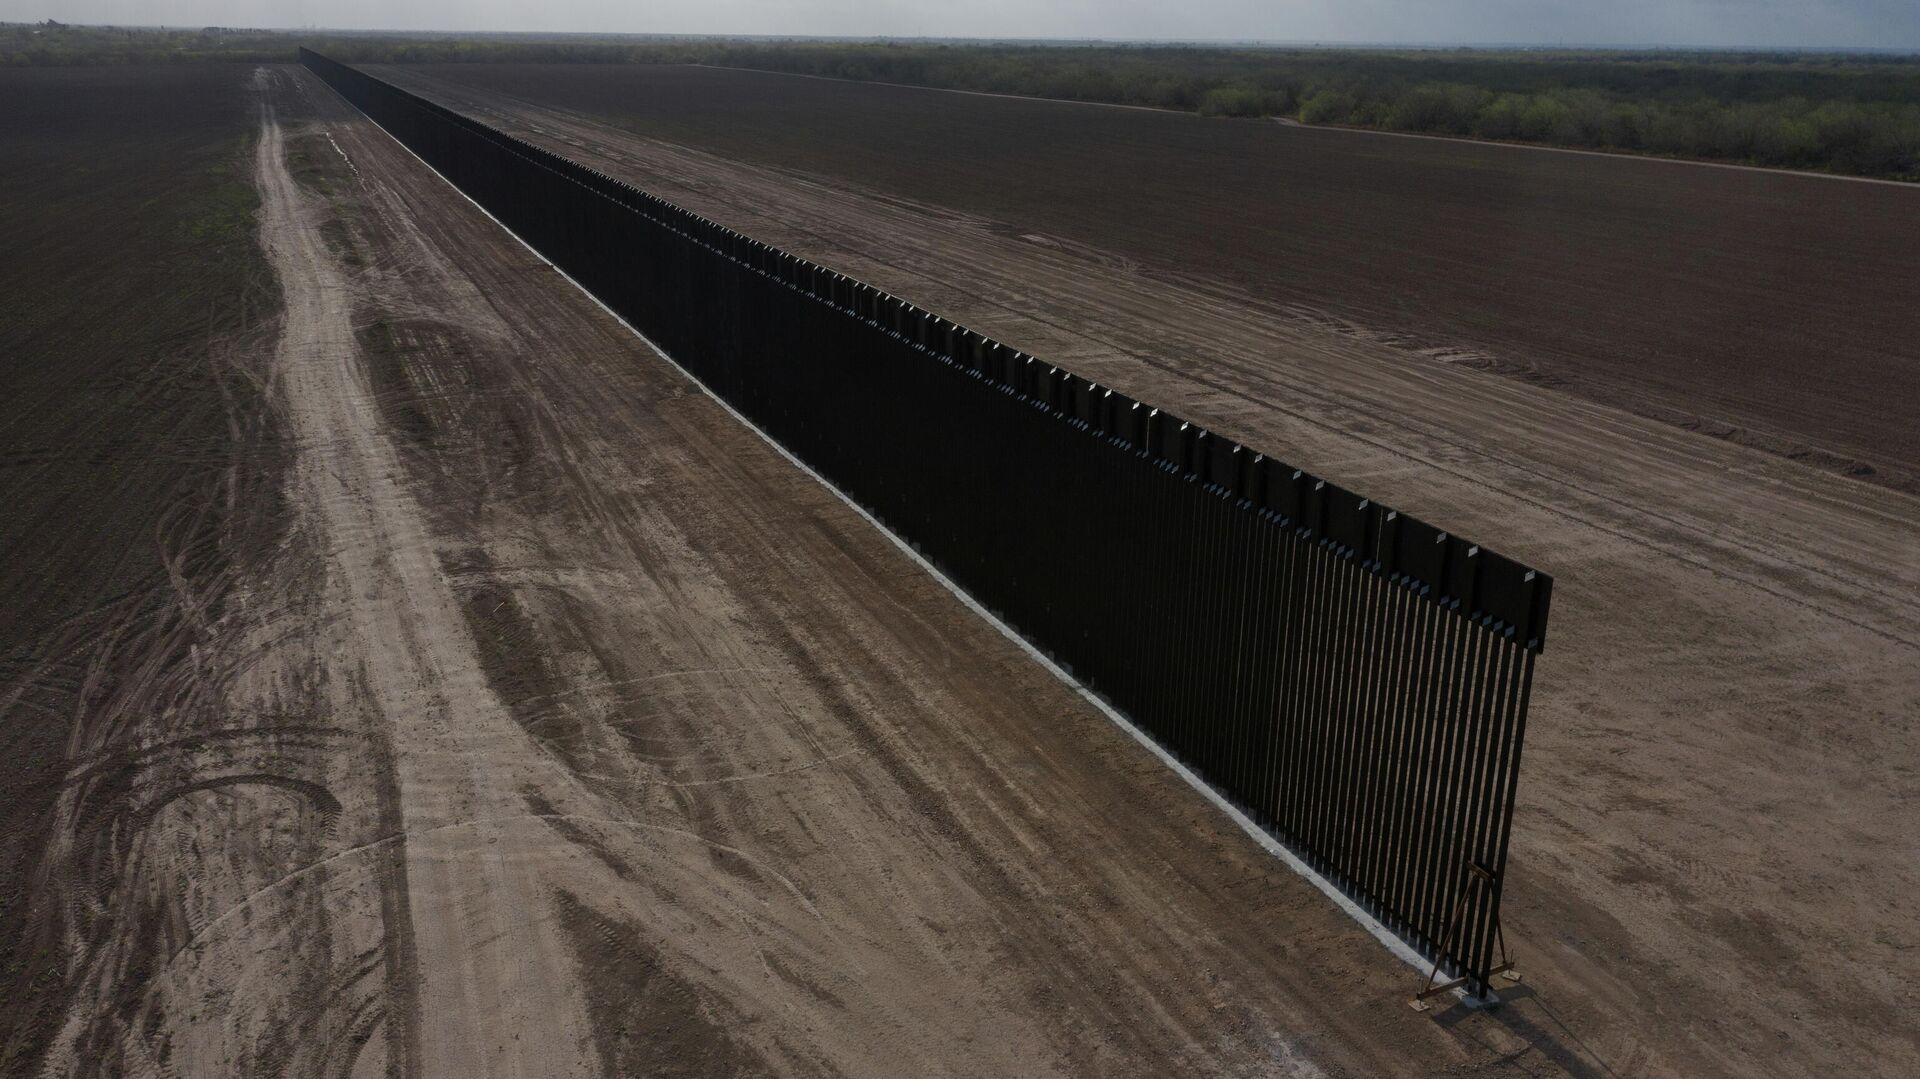 La detención de la construcción del muro fronterizo en EEUU - Sputnik Mundo, 1920, 17.03.2021